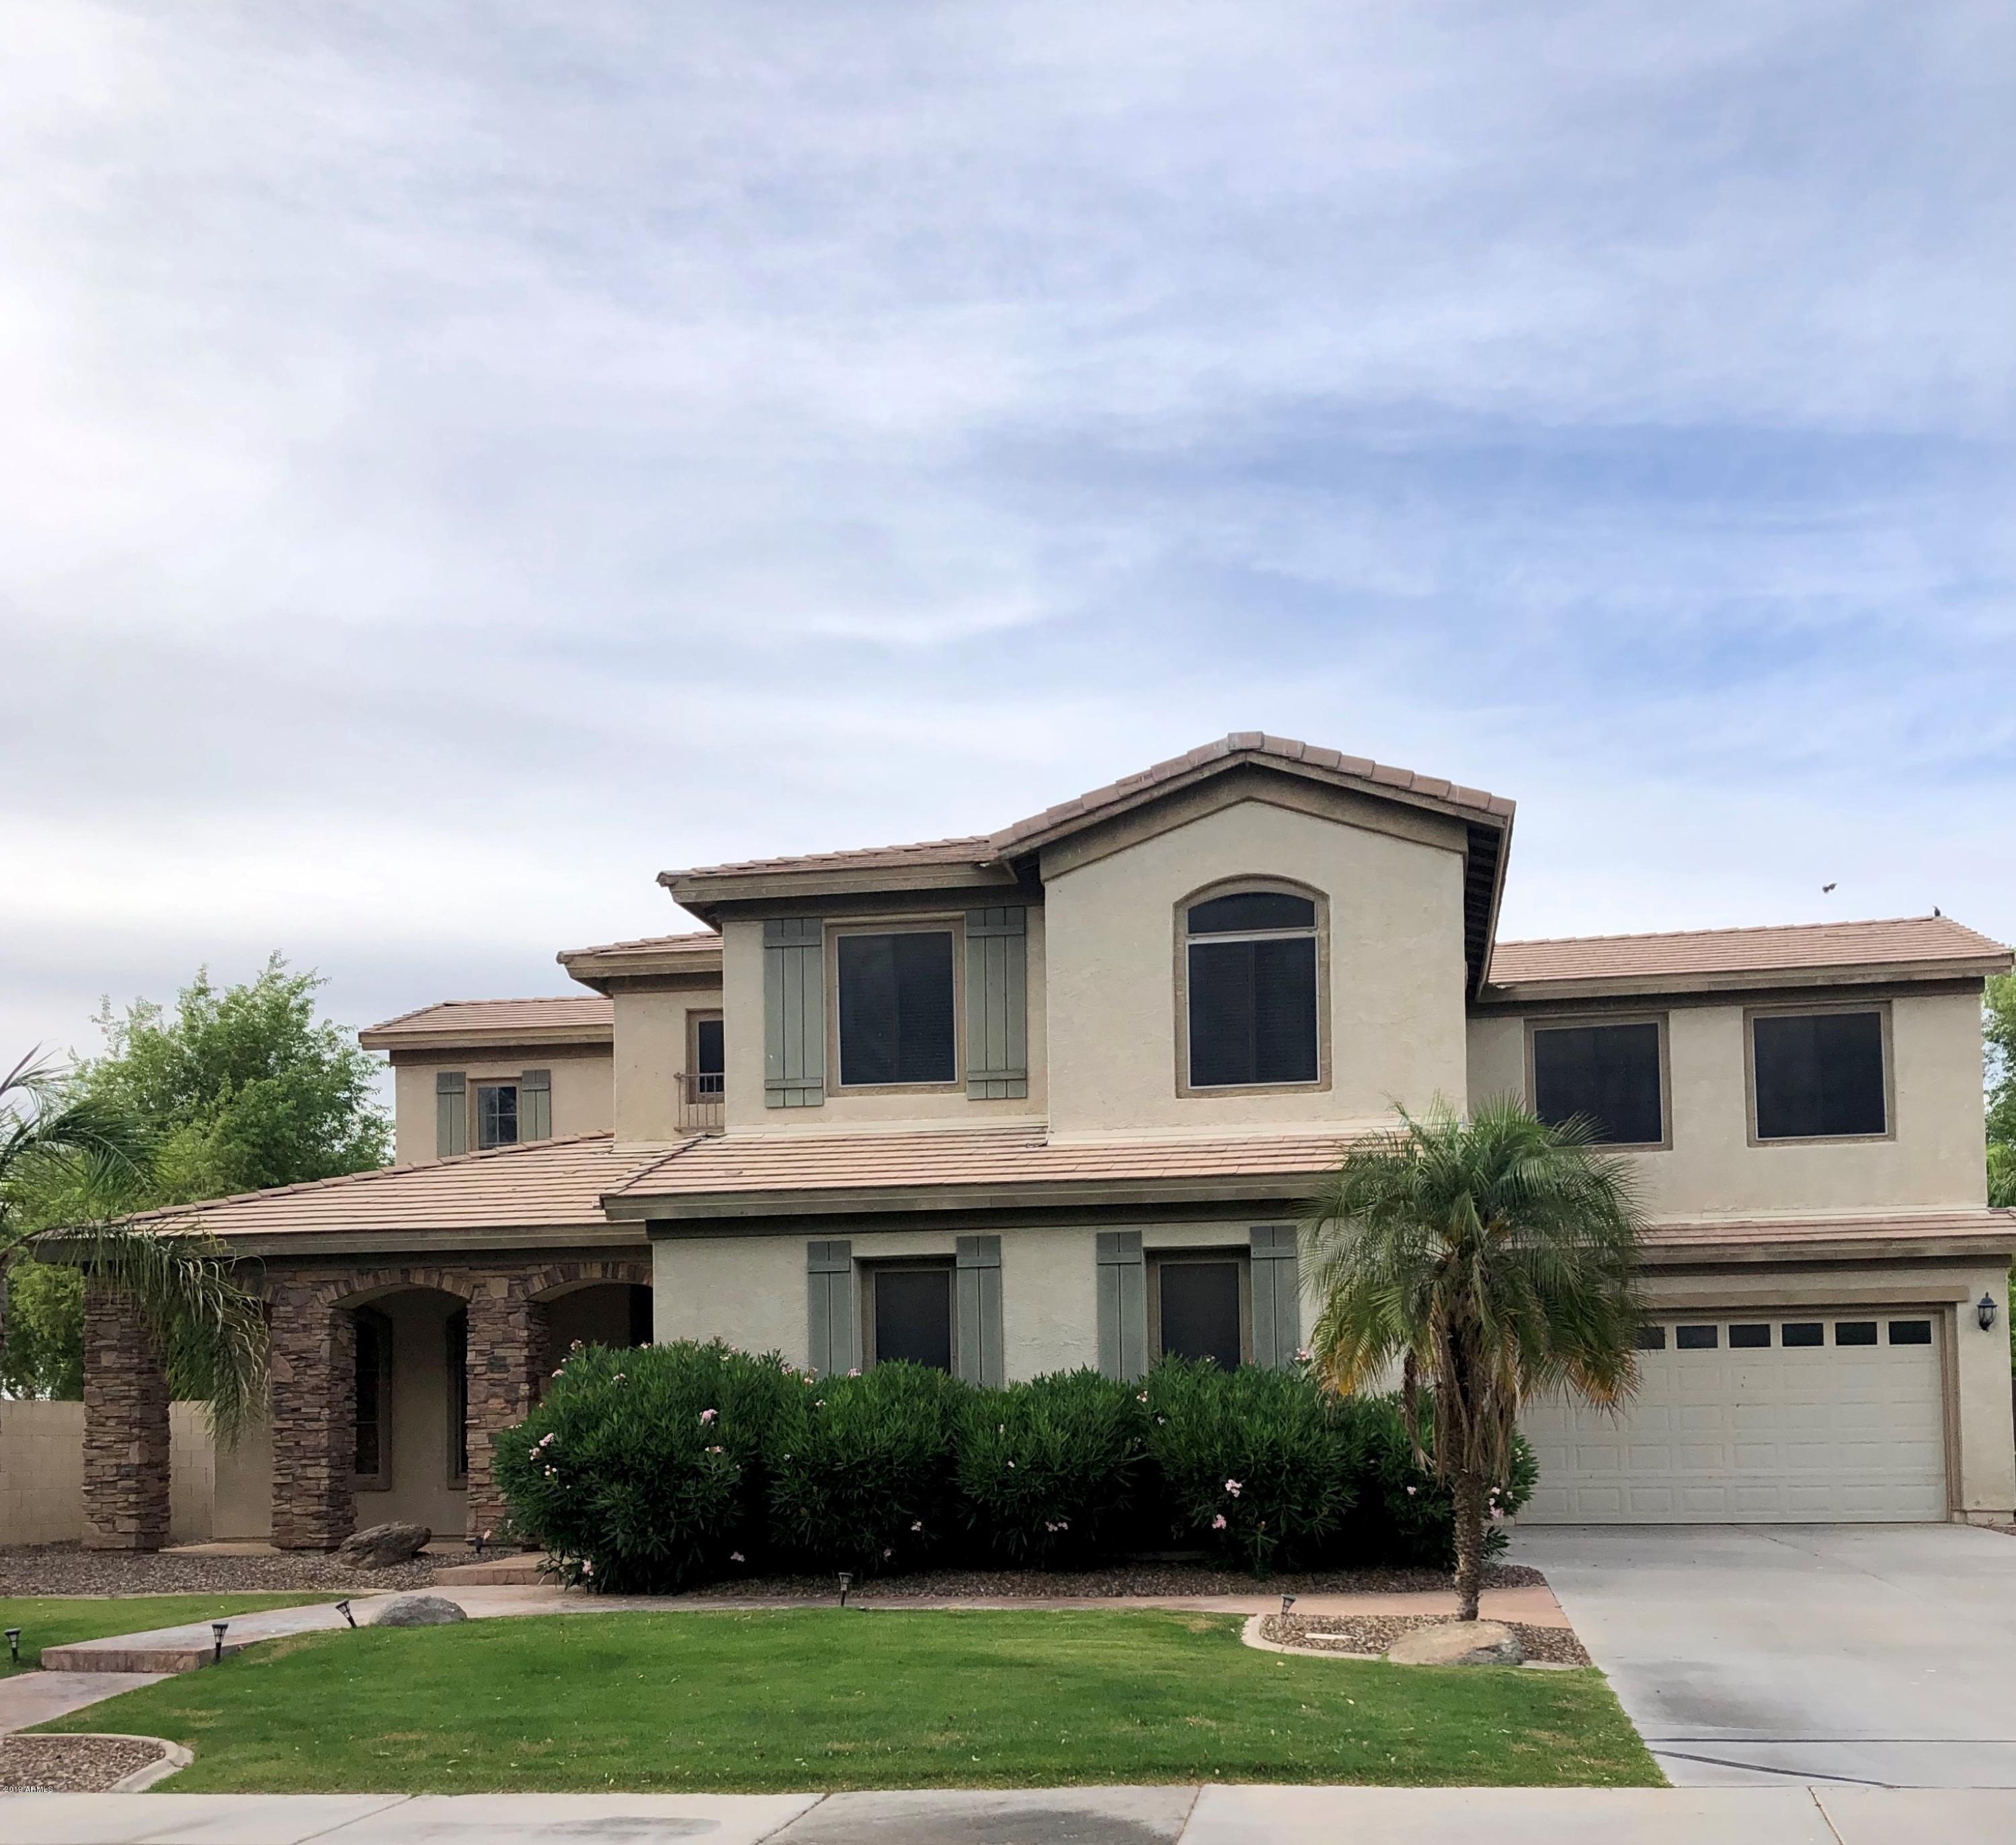 MLS 5926142 1230 E FLAMINGO Drive, Gilbert, AZ 85297 Gilbert AZ Short Sale